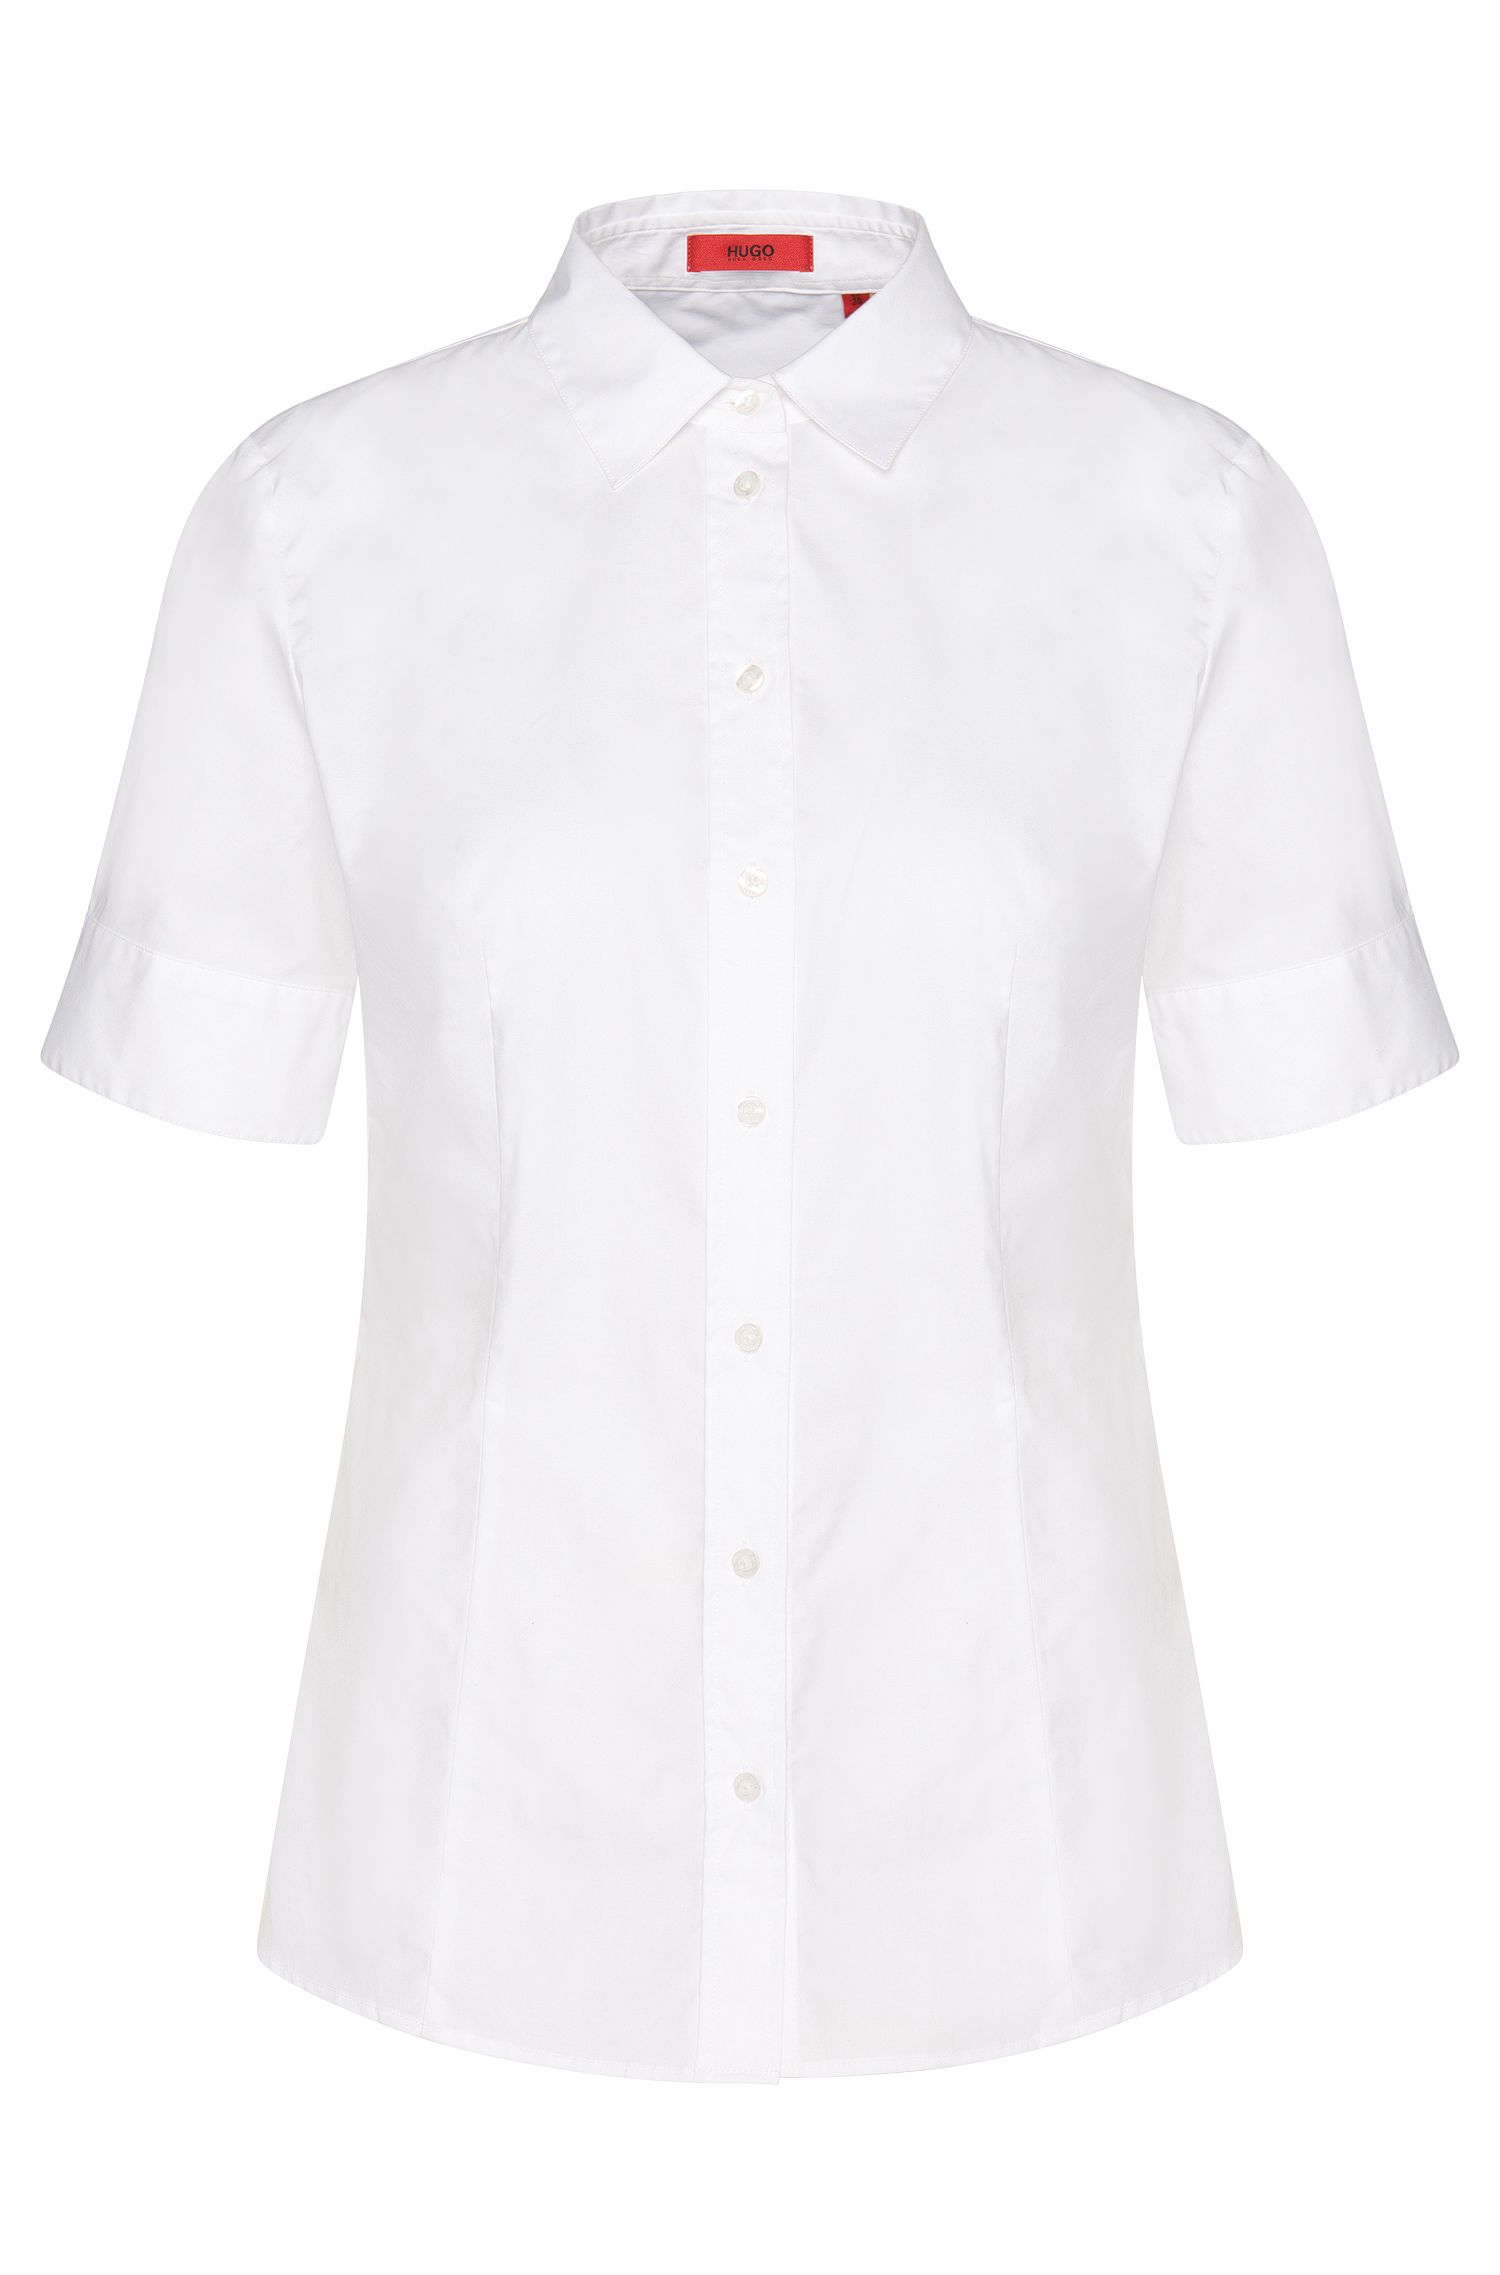 Getailleerde blouse van elastische katoen met korte mouwen: 'Eshine'